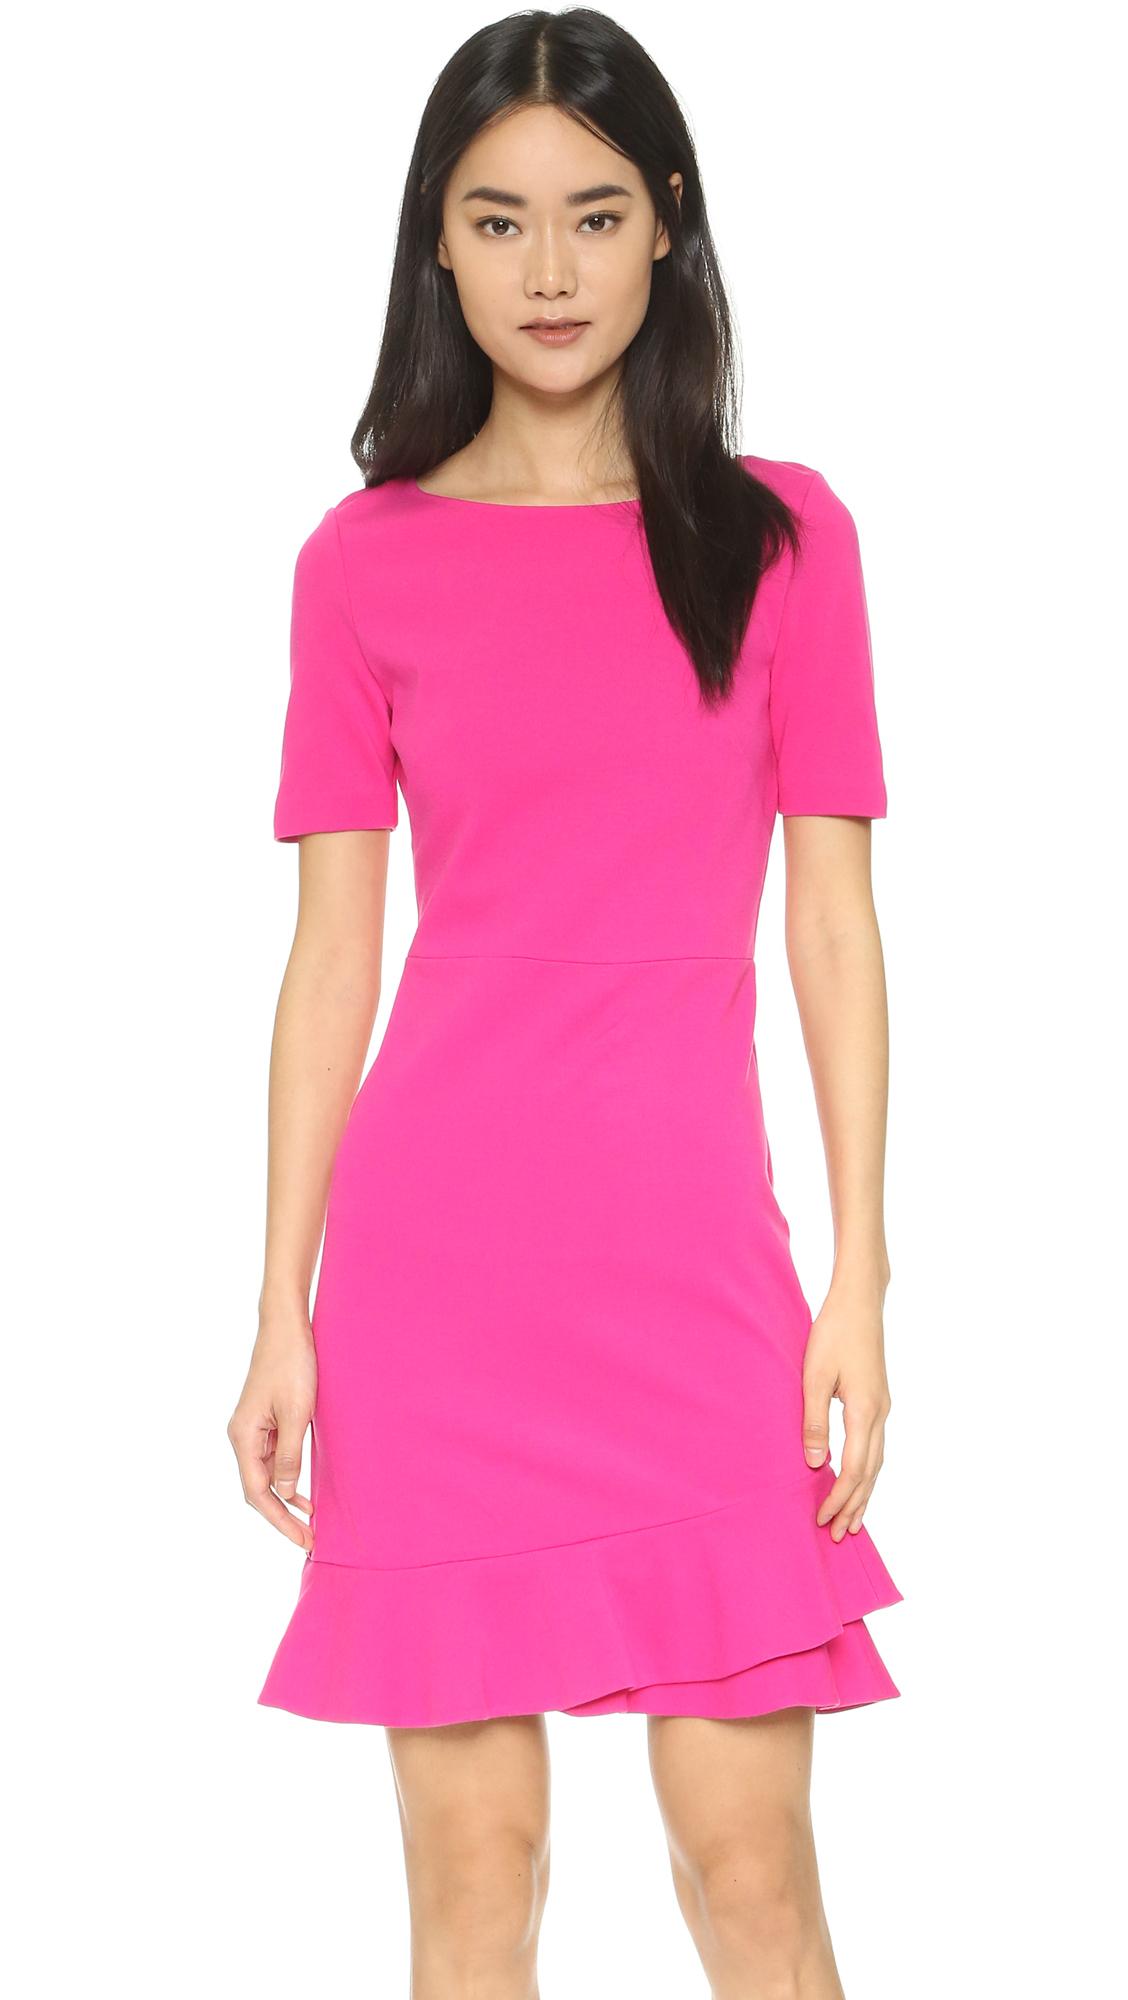 ba03fce005a Diane von Furstenberg Serafina Dress in Pink - Lyst